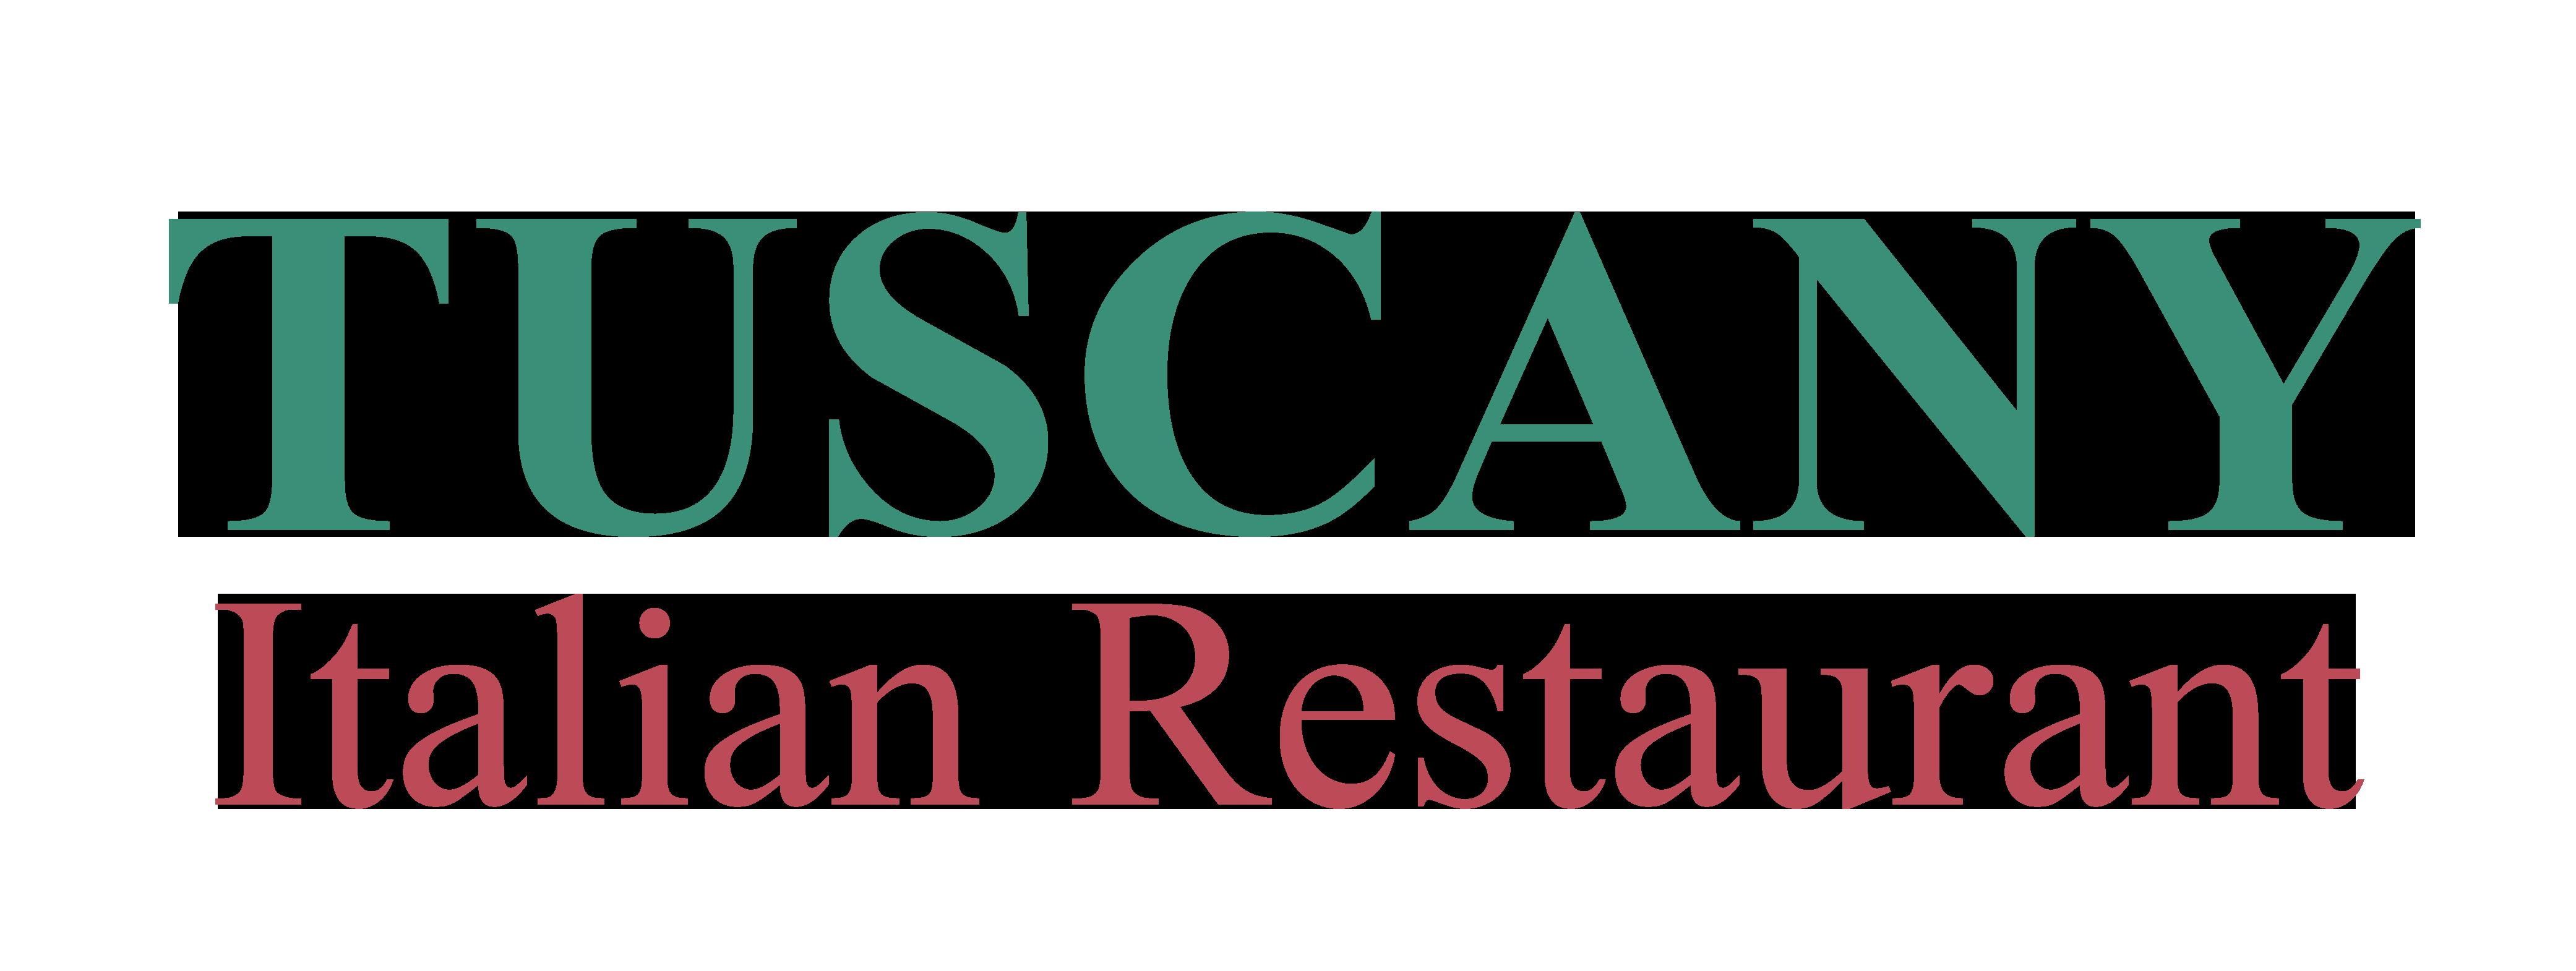 Tuscany Italian Restaurant